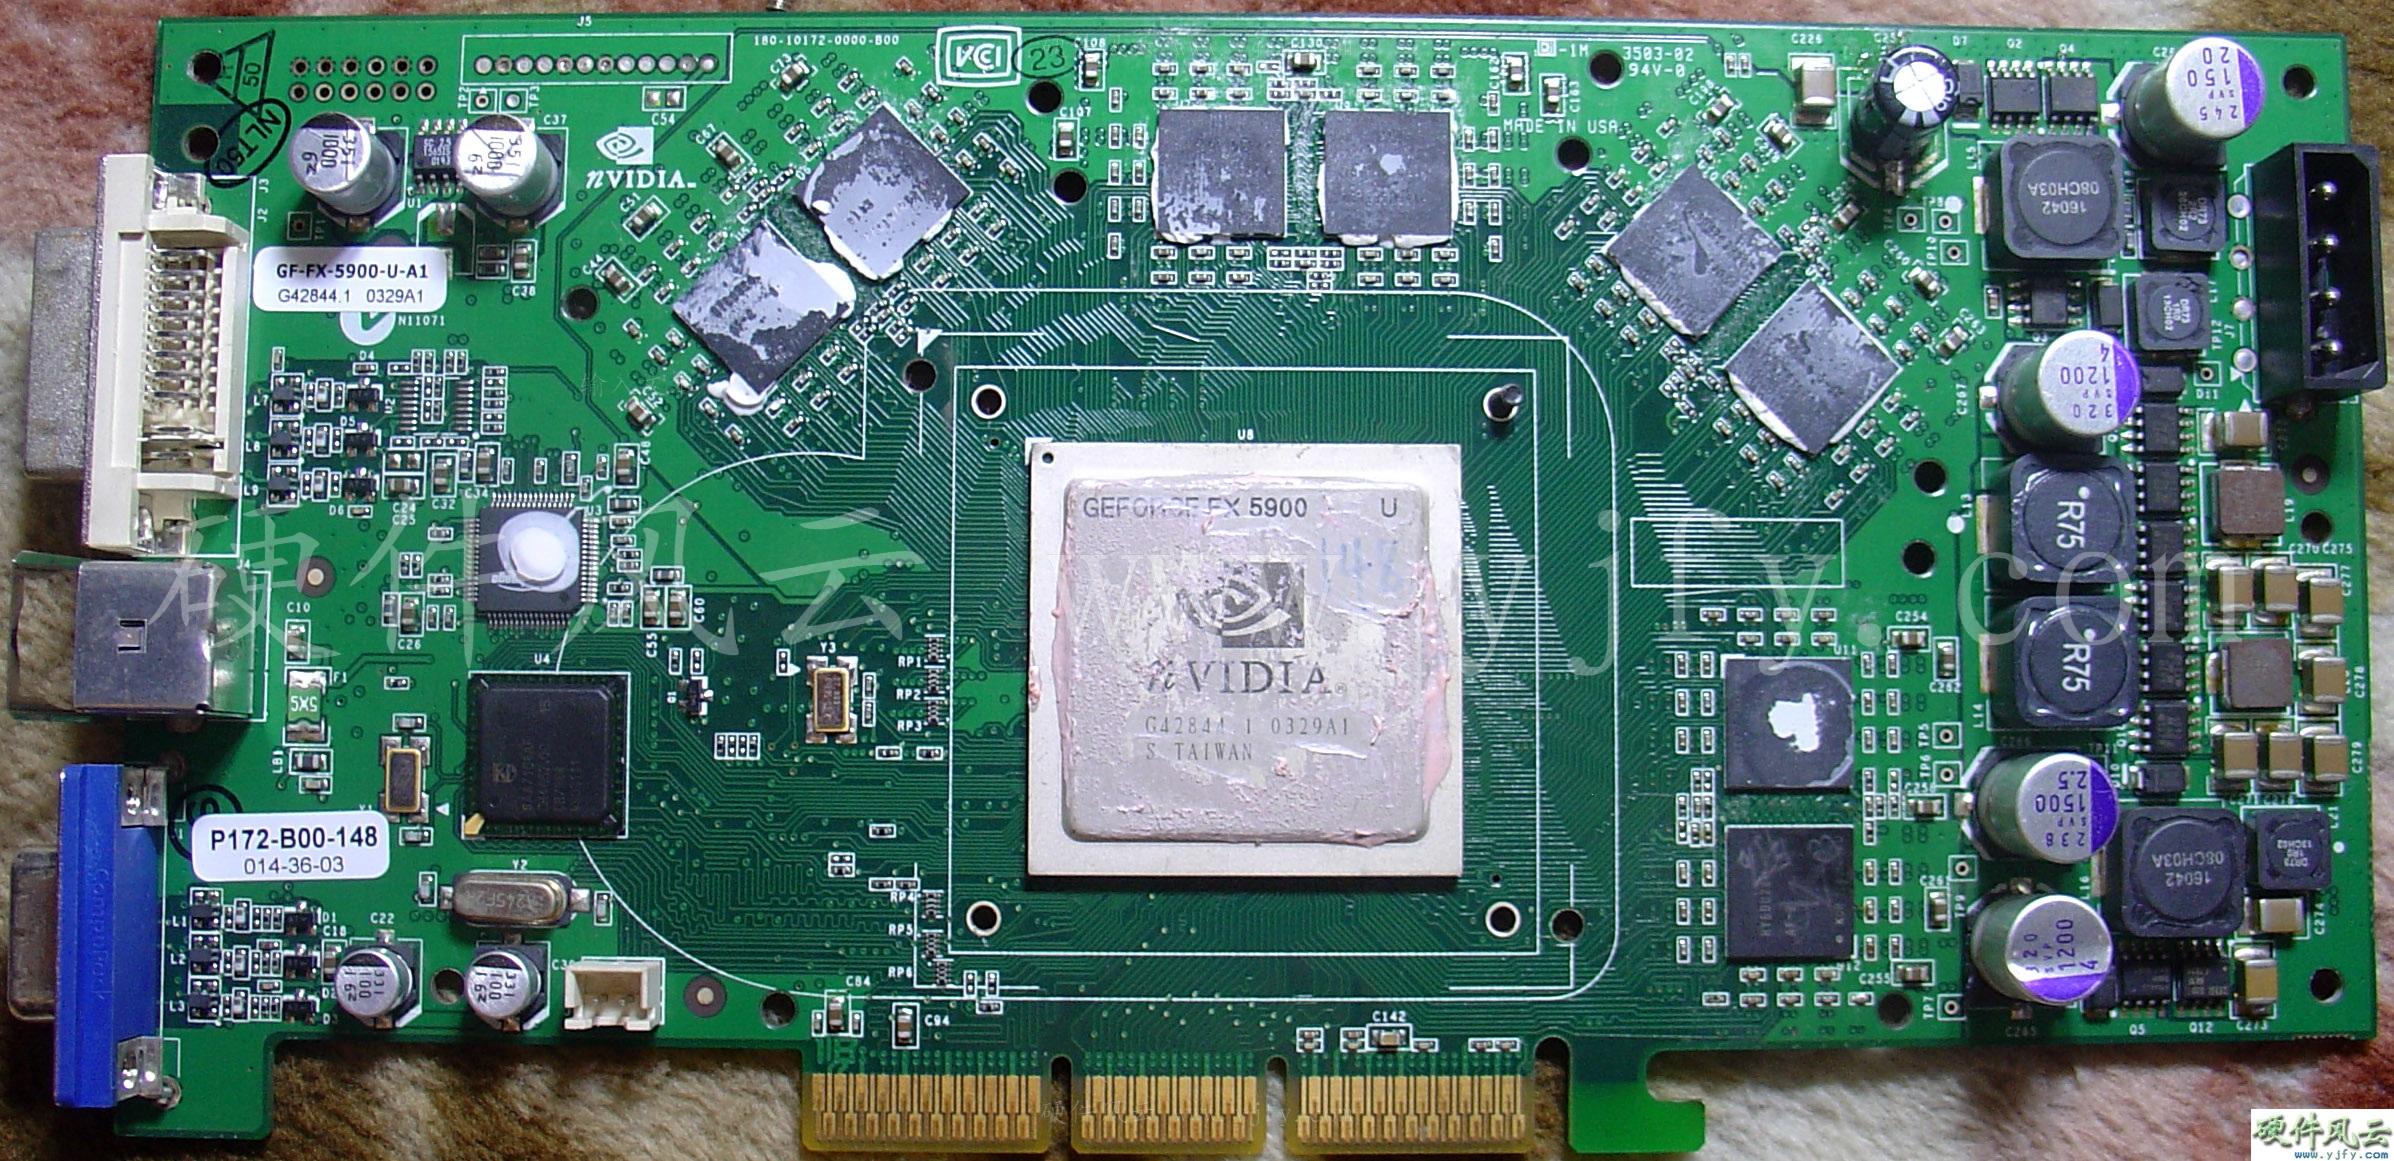 P172-B00-148_FX5900U-A1_2.jpg